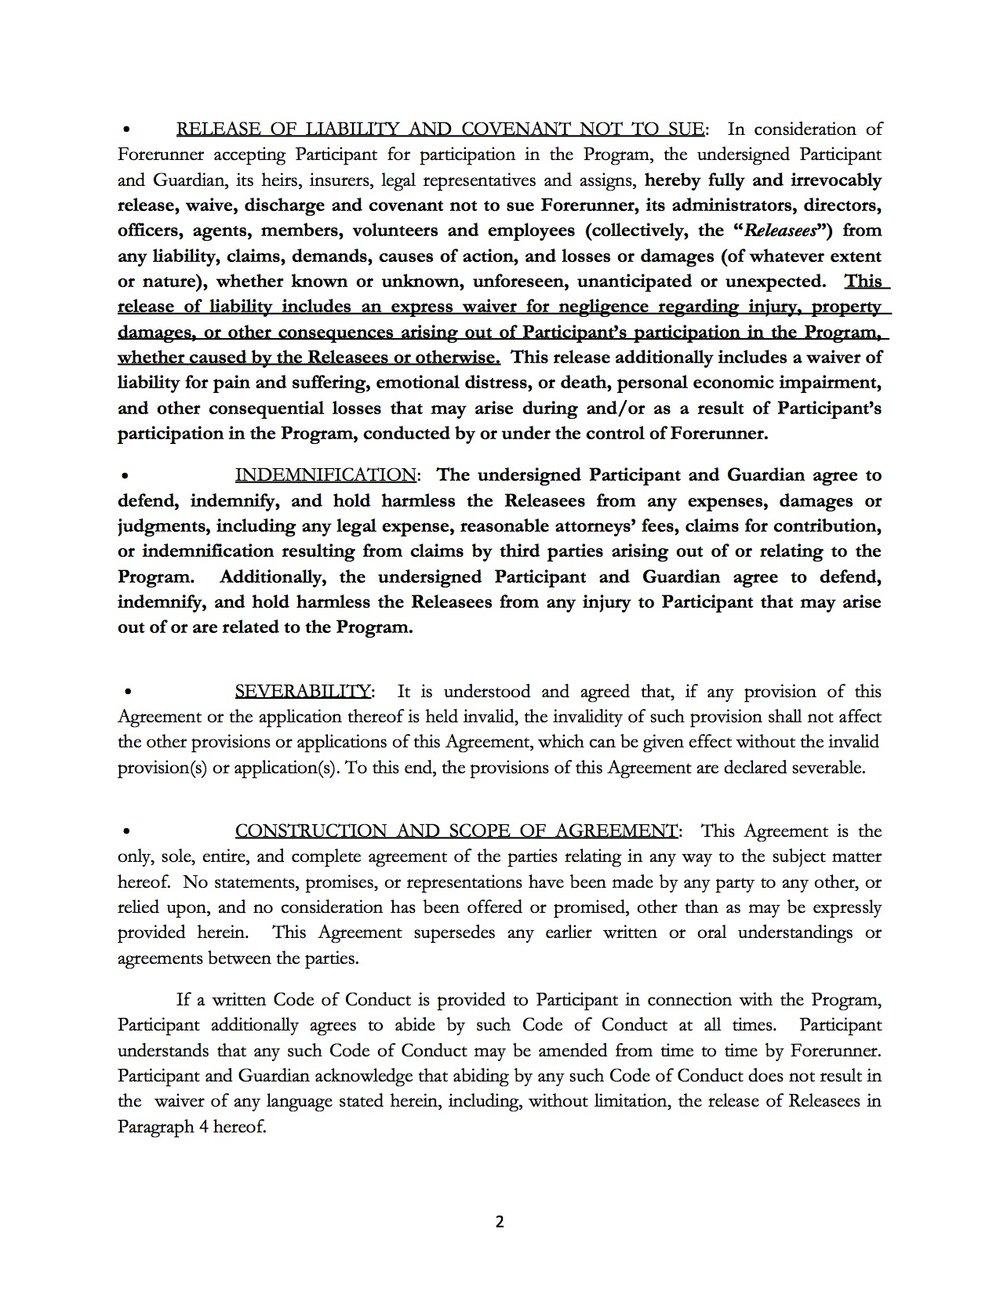 Forerunner Liability Waiver 2.jpg